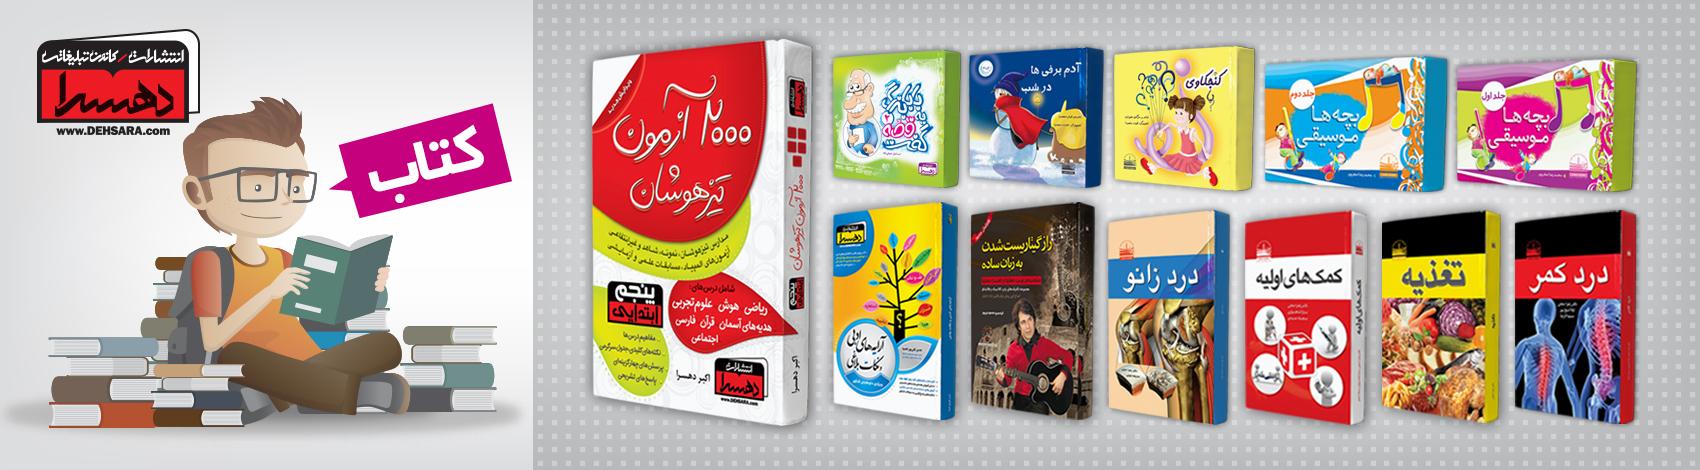 انتشارات-دهسرا-کانون-تبلیغاتی-دهسرا-dehsara